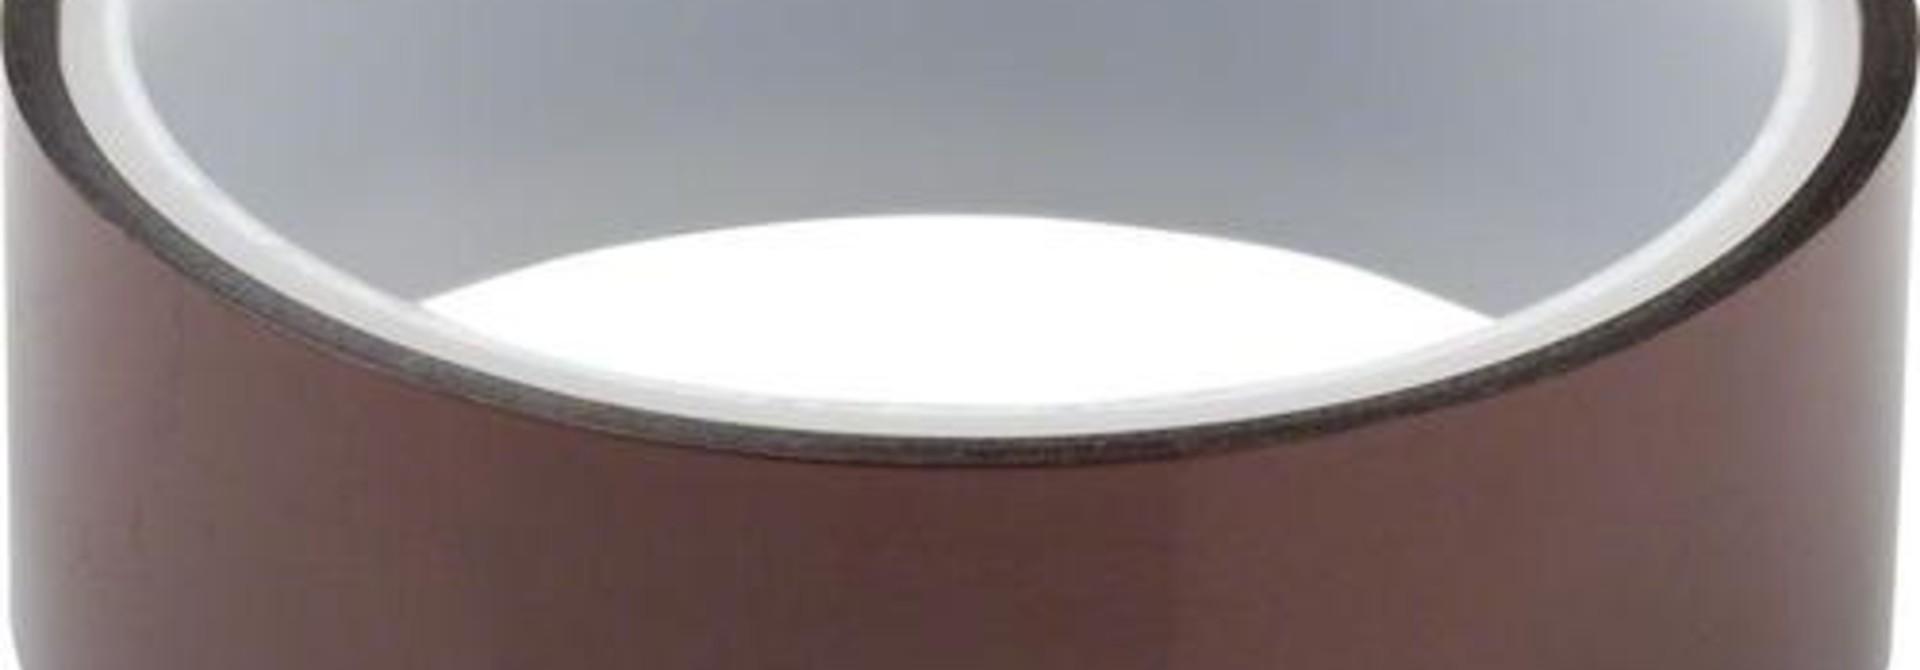 Spank Frat 8M Tubeless Tape 30mm